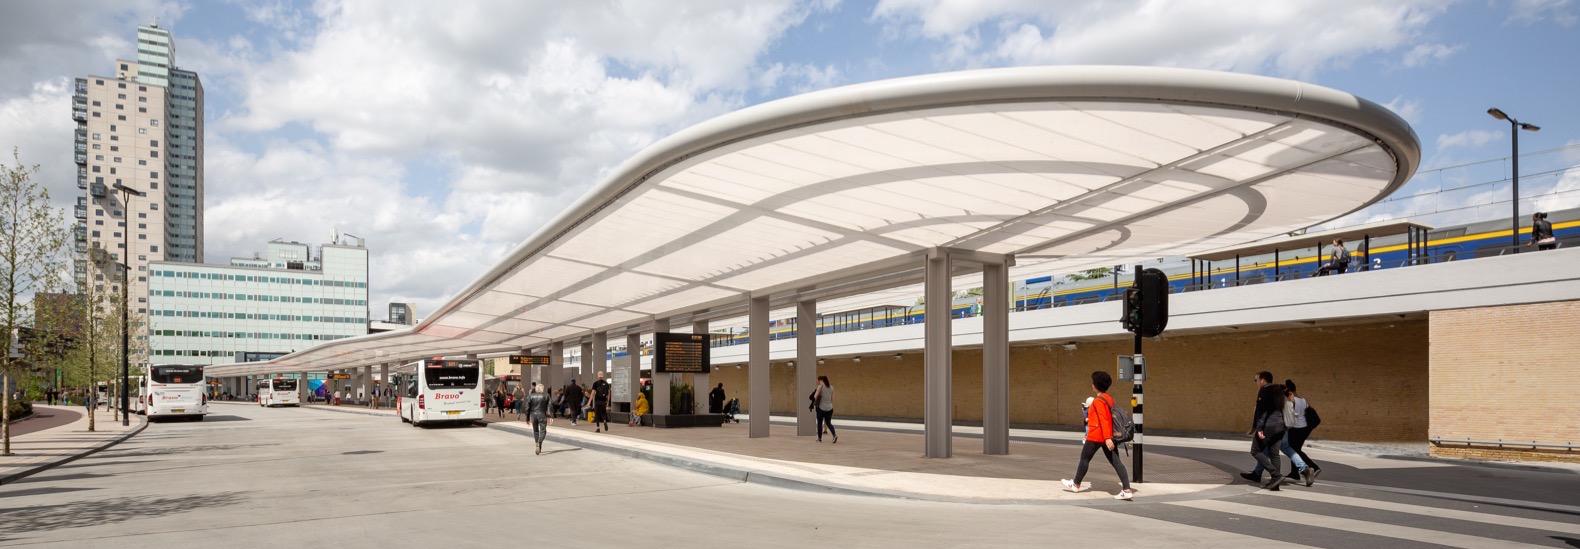 Tilburg-bus-station-by-cepezed-1 (1).jpg